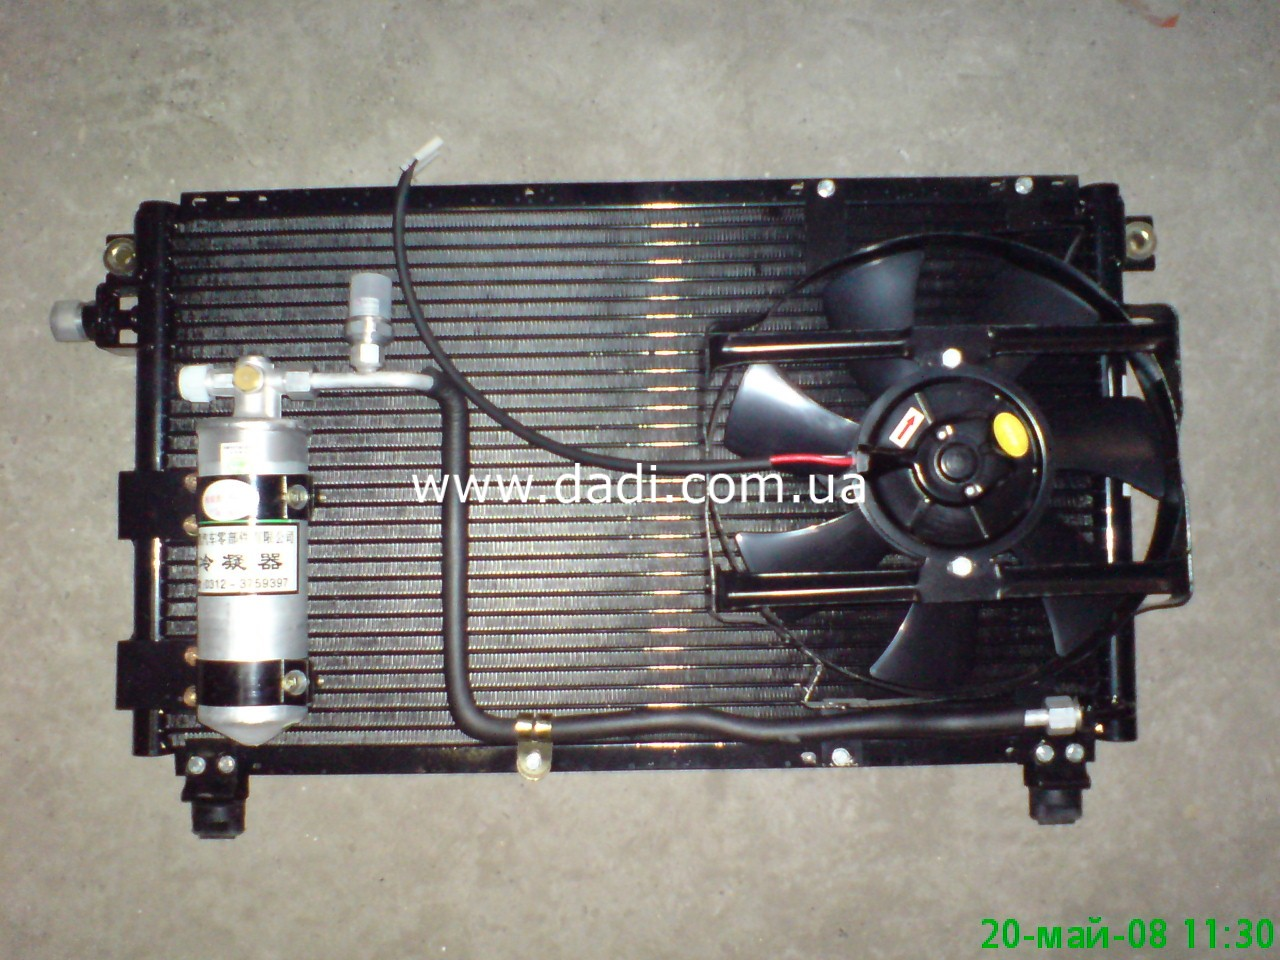 Радіатор кондиціонеру 2,2i (491Q)/2,8D/ радиатор кондиционера-426